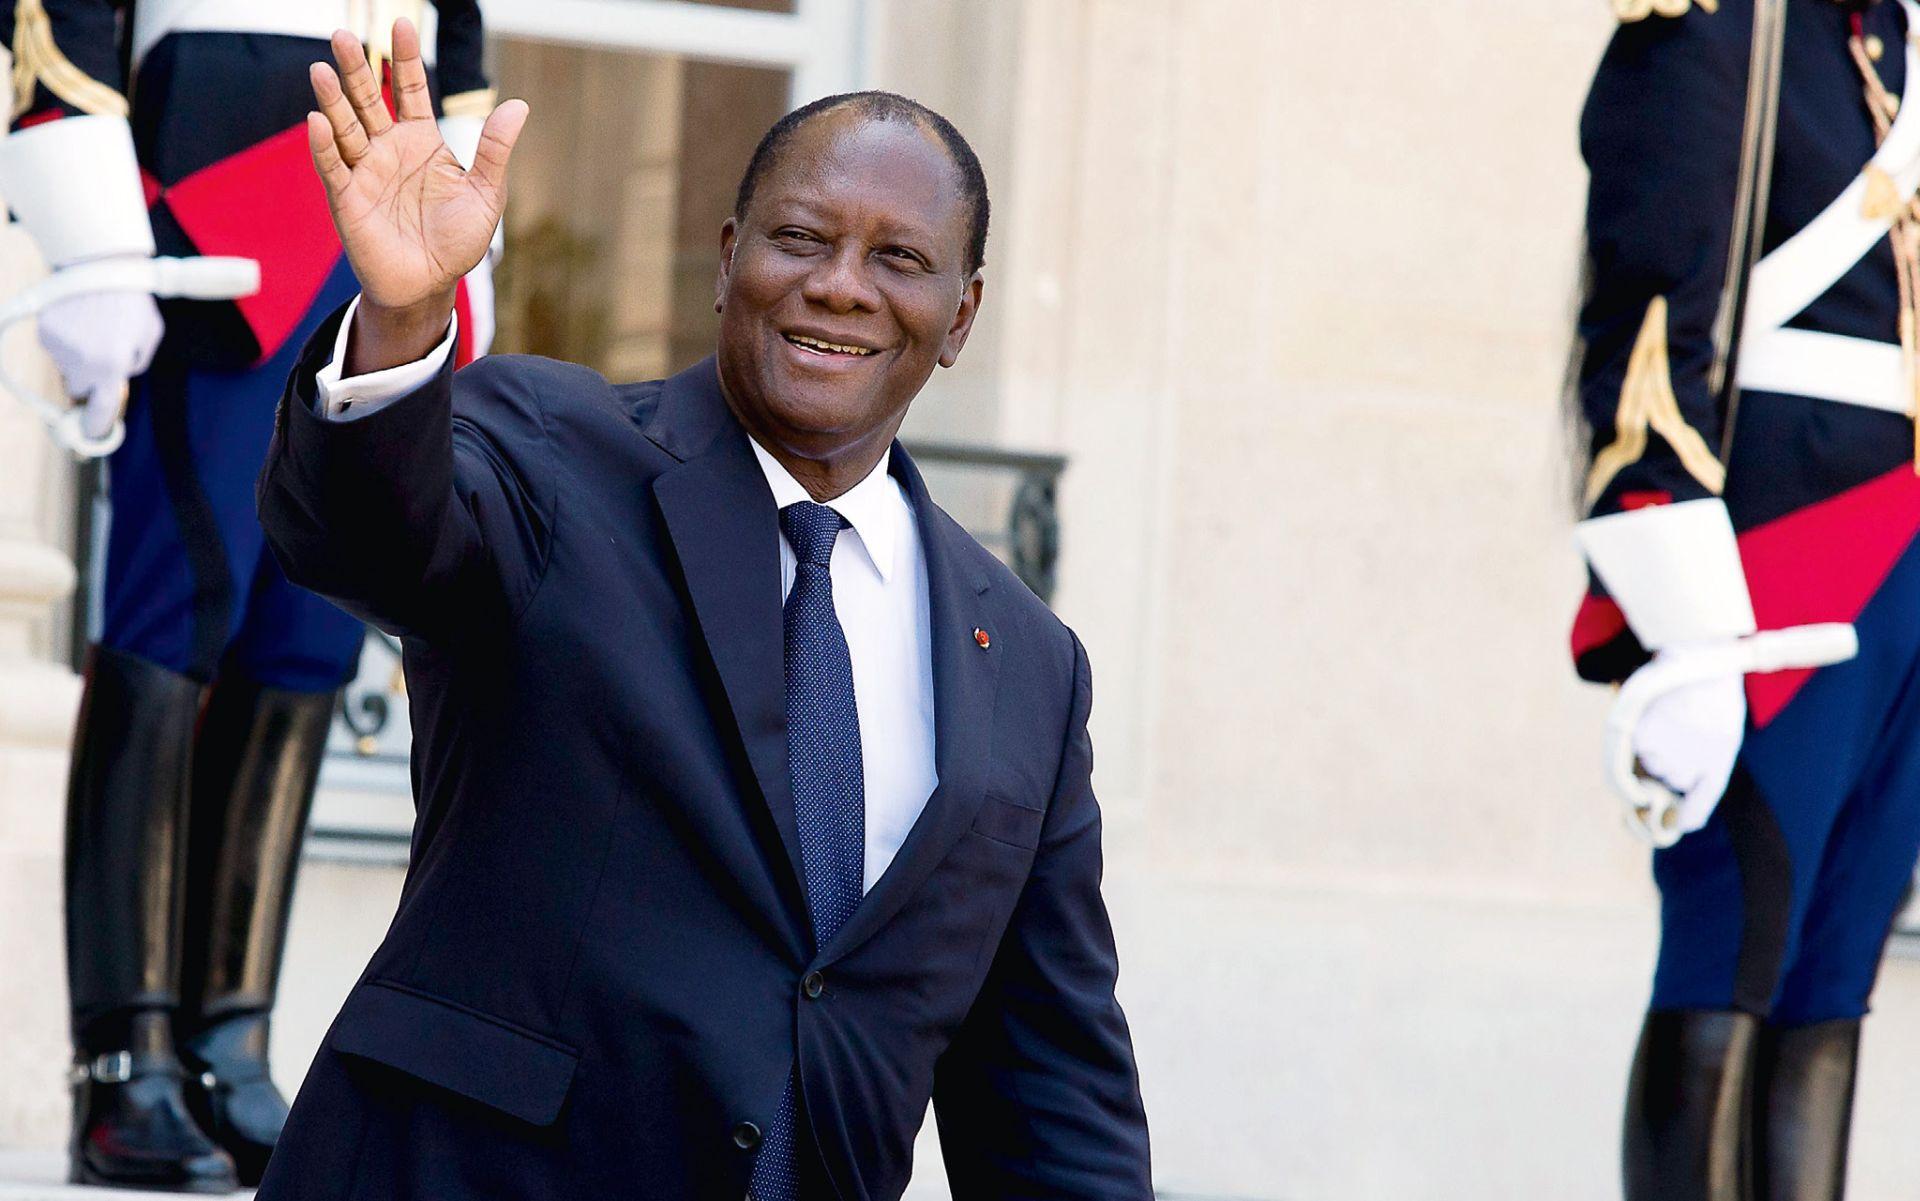 OBALA BJELOKOSTI Od kaosa građanskog rata do afričkog gospodarskog čuda u samo četiri godine